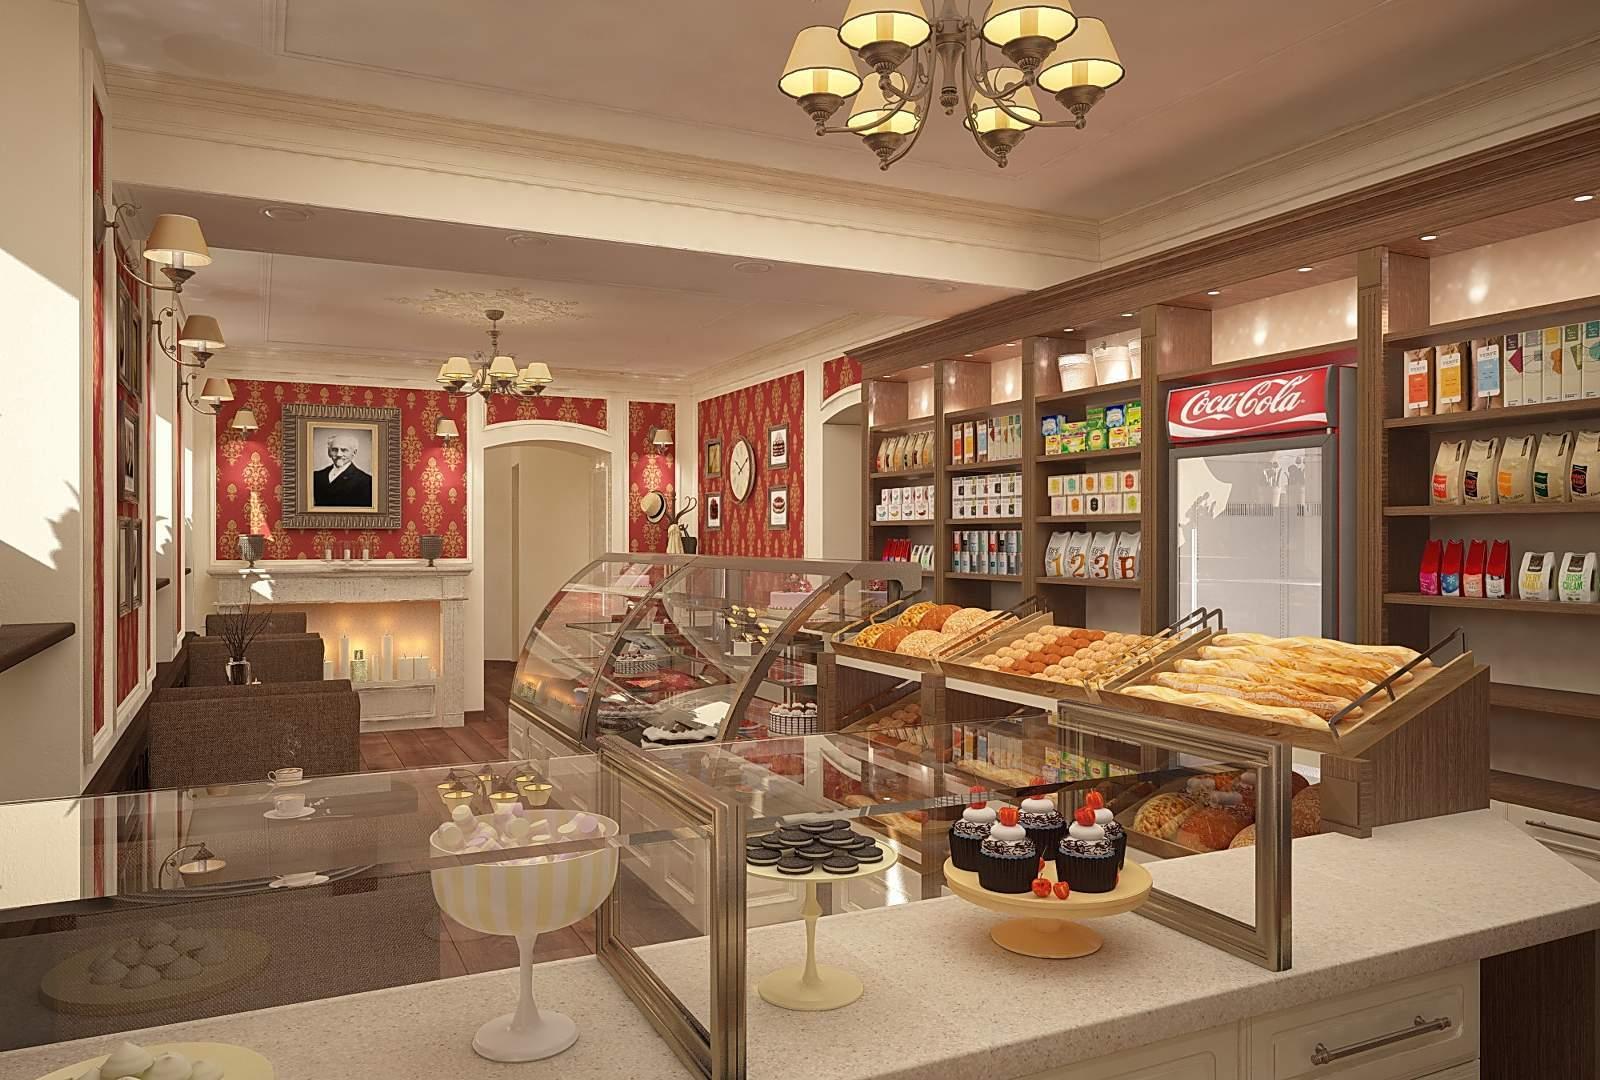 Franz_Sacher_caffe_interior_2_1600x1080_1600x1080